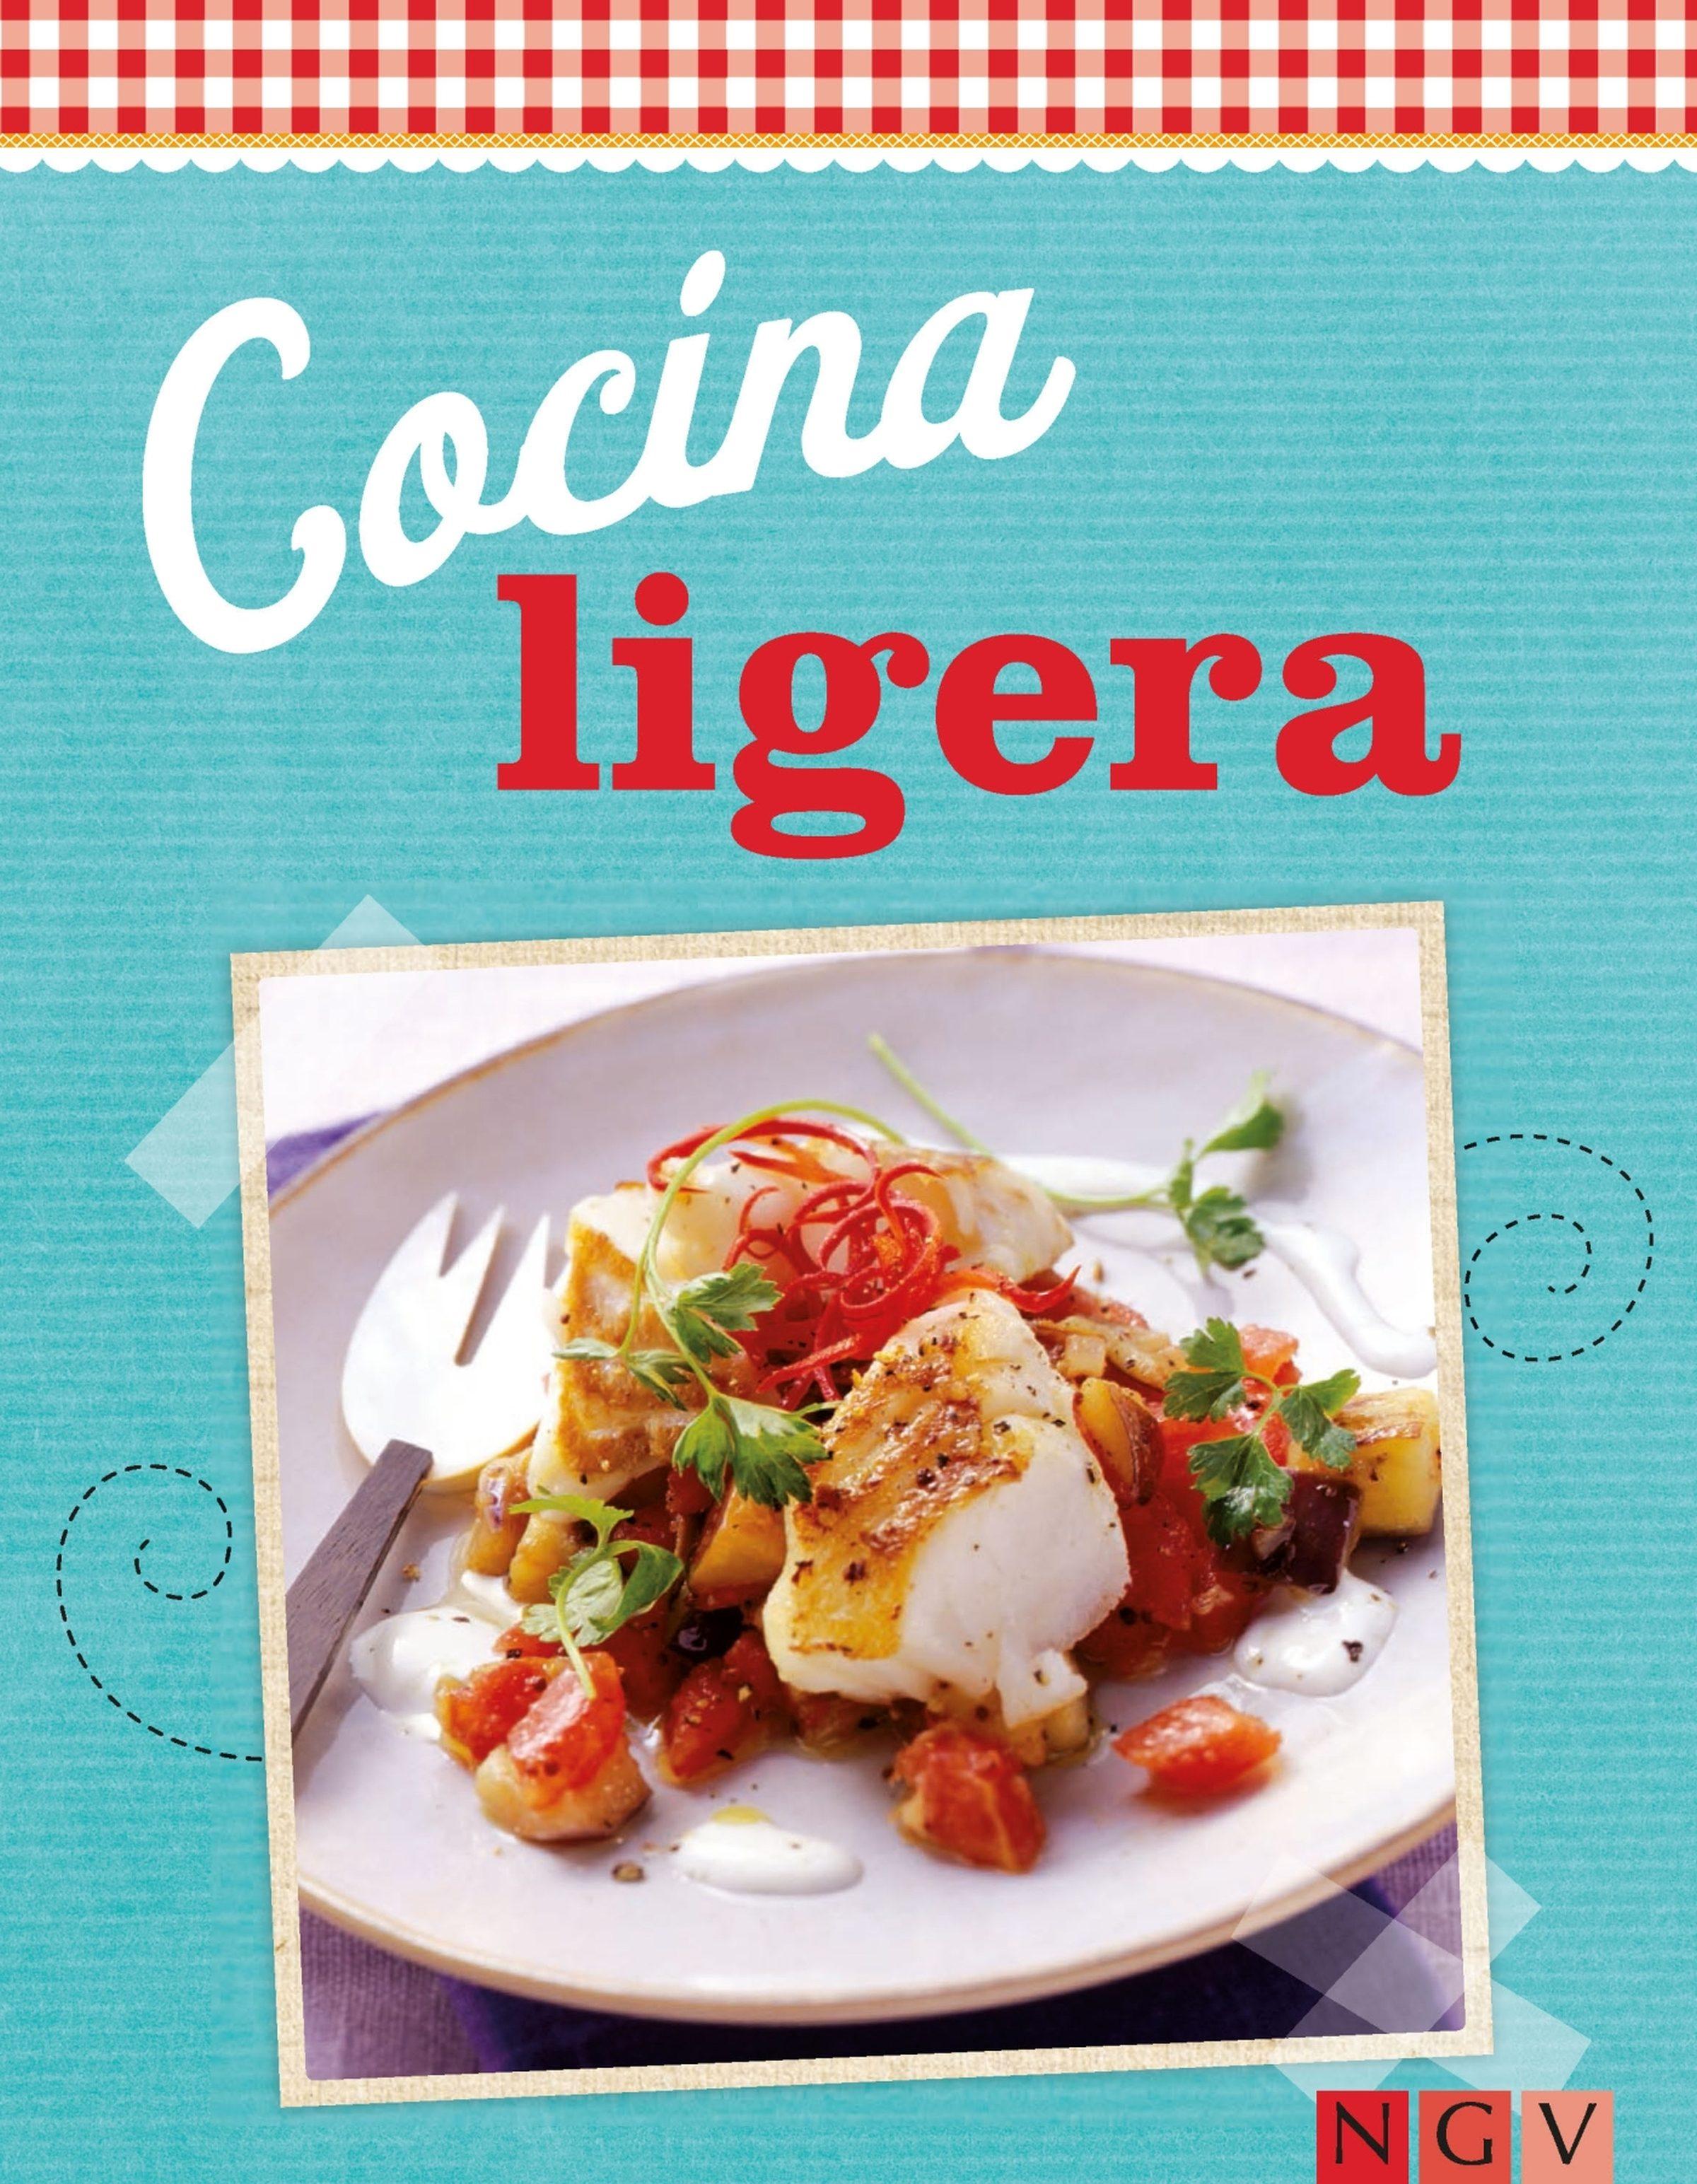 cocina ligera ebook ebooks el corte ingl s